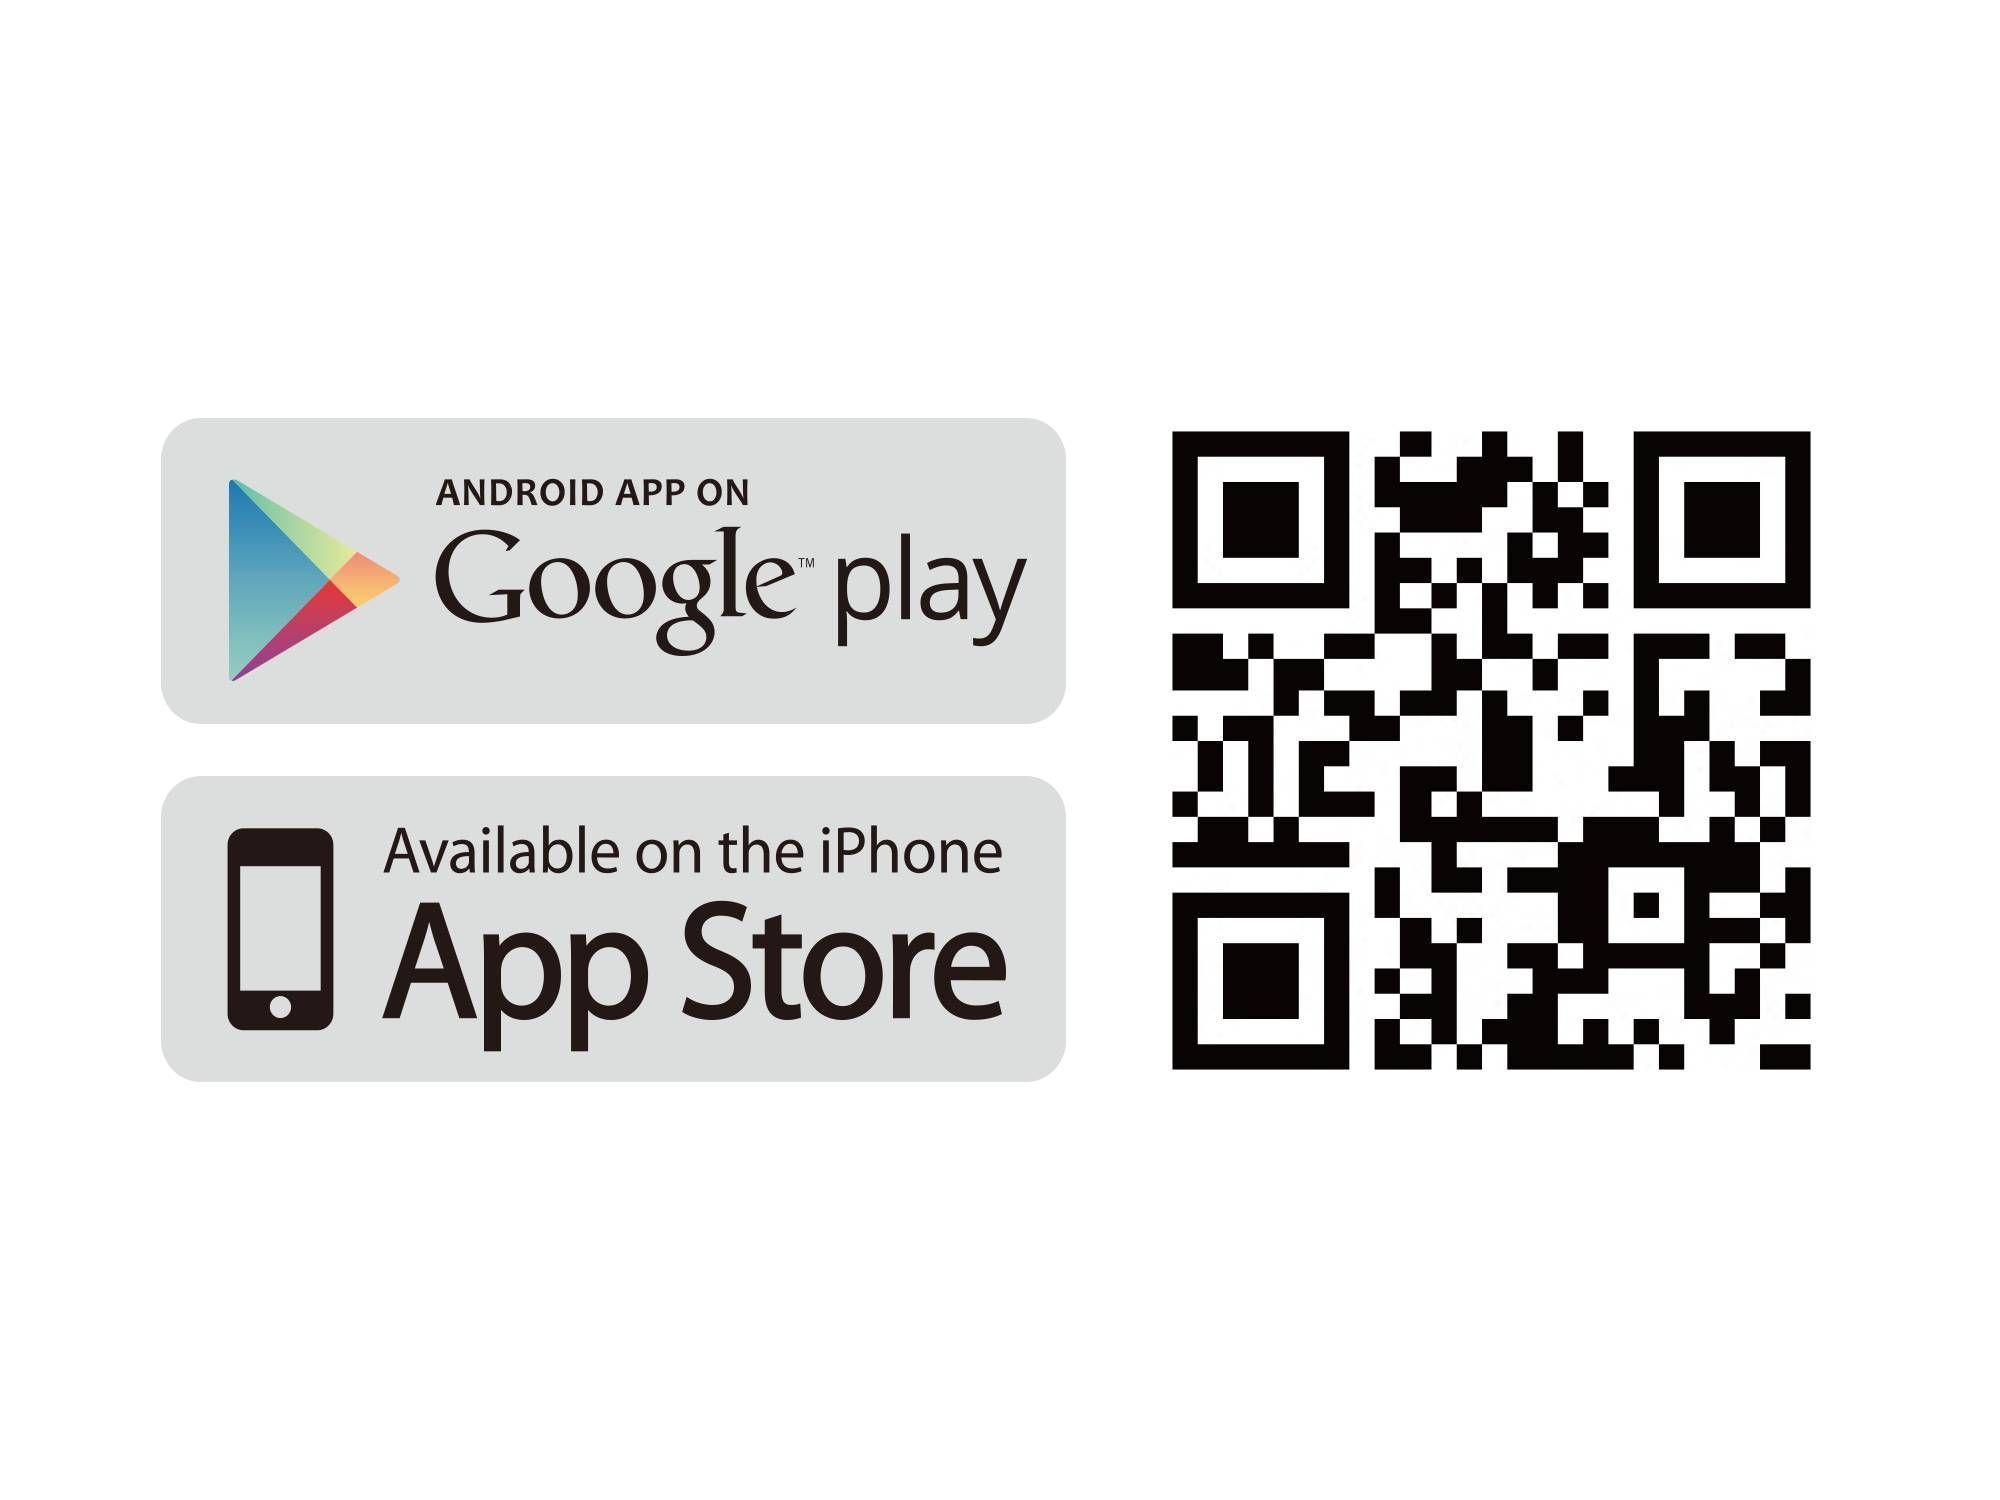 KR-hidden-tag-app-2000x1500.png